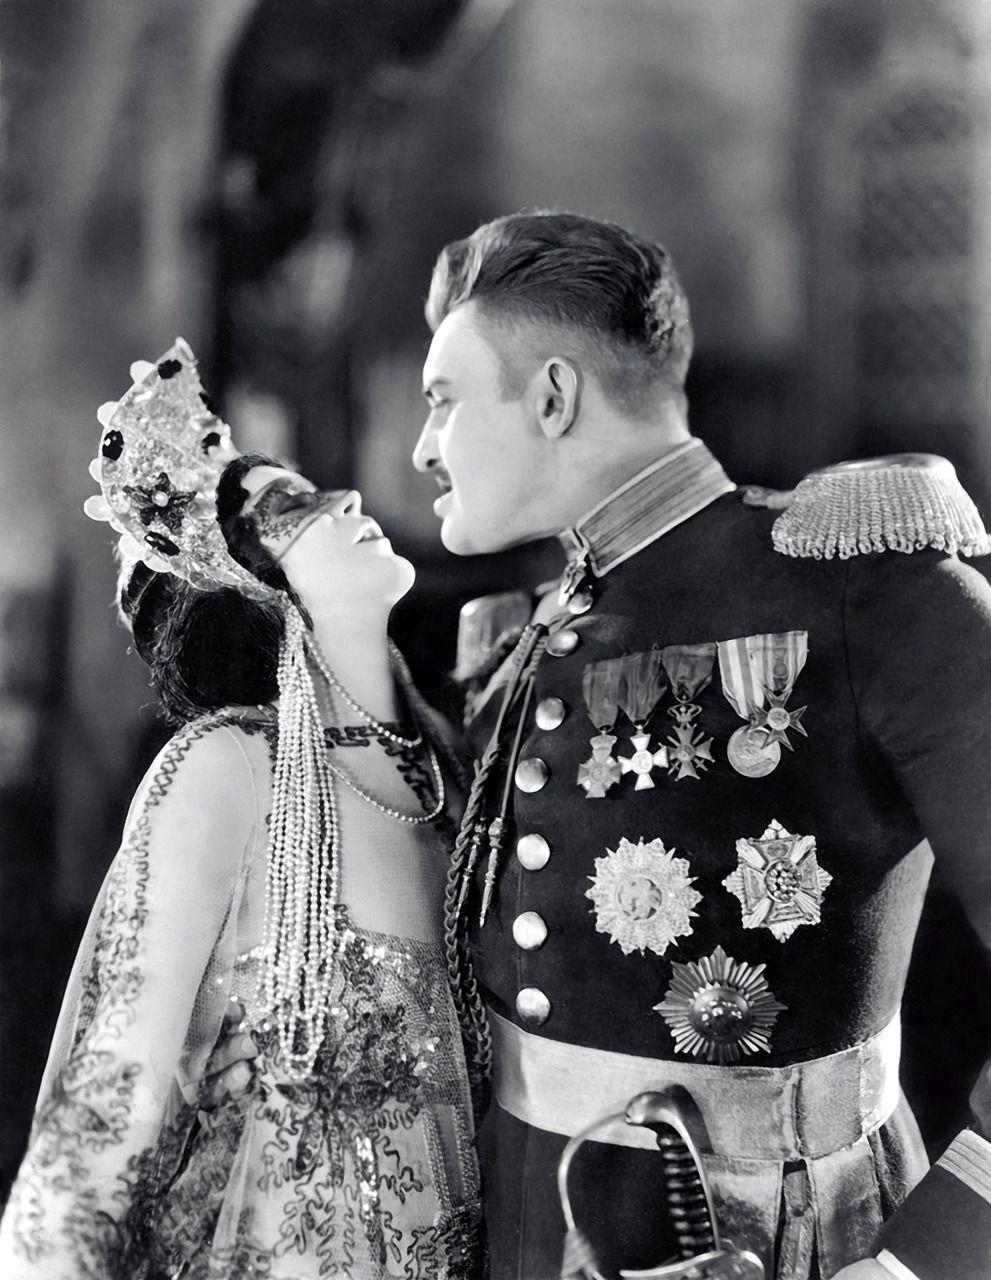 'Jazzmania' (1923)